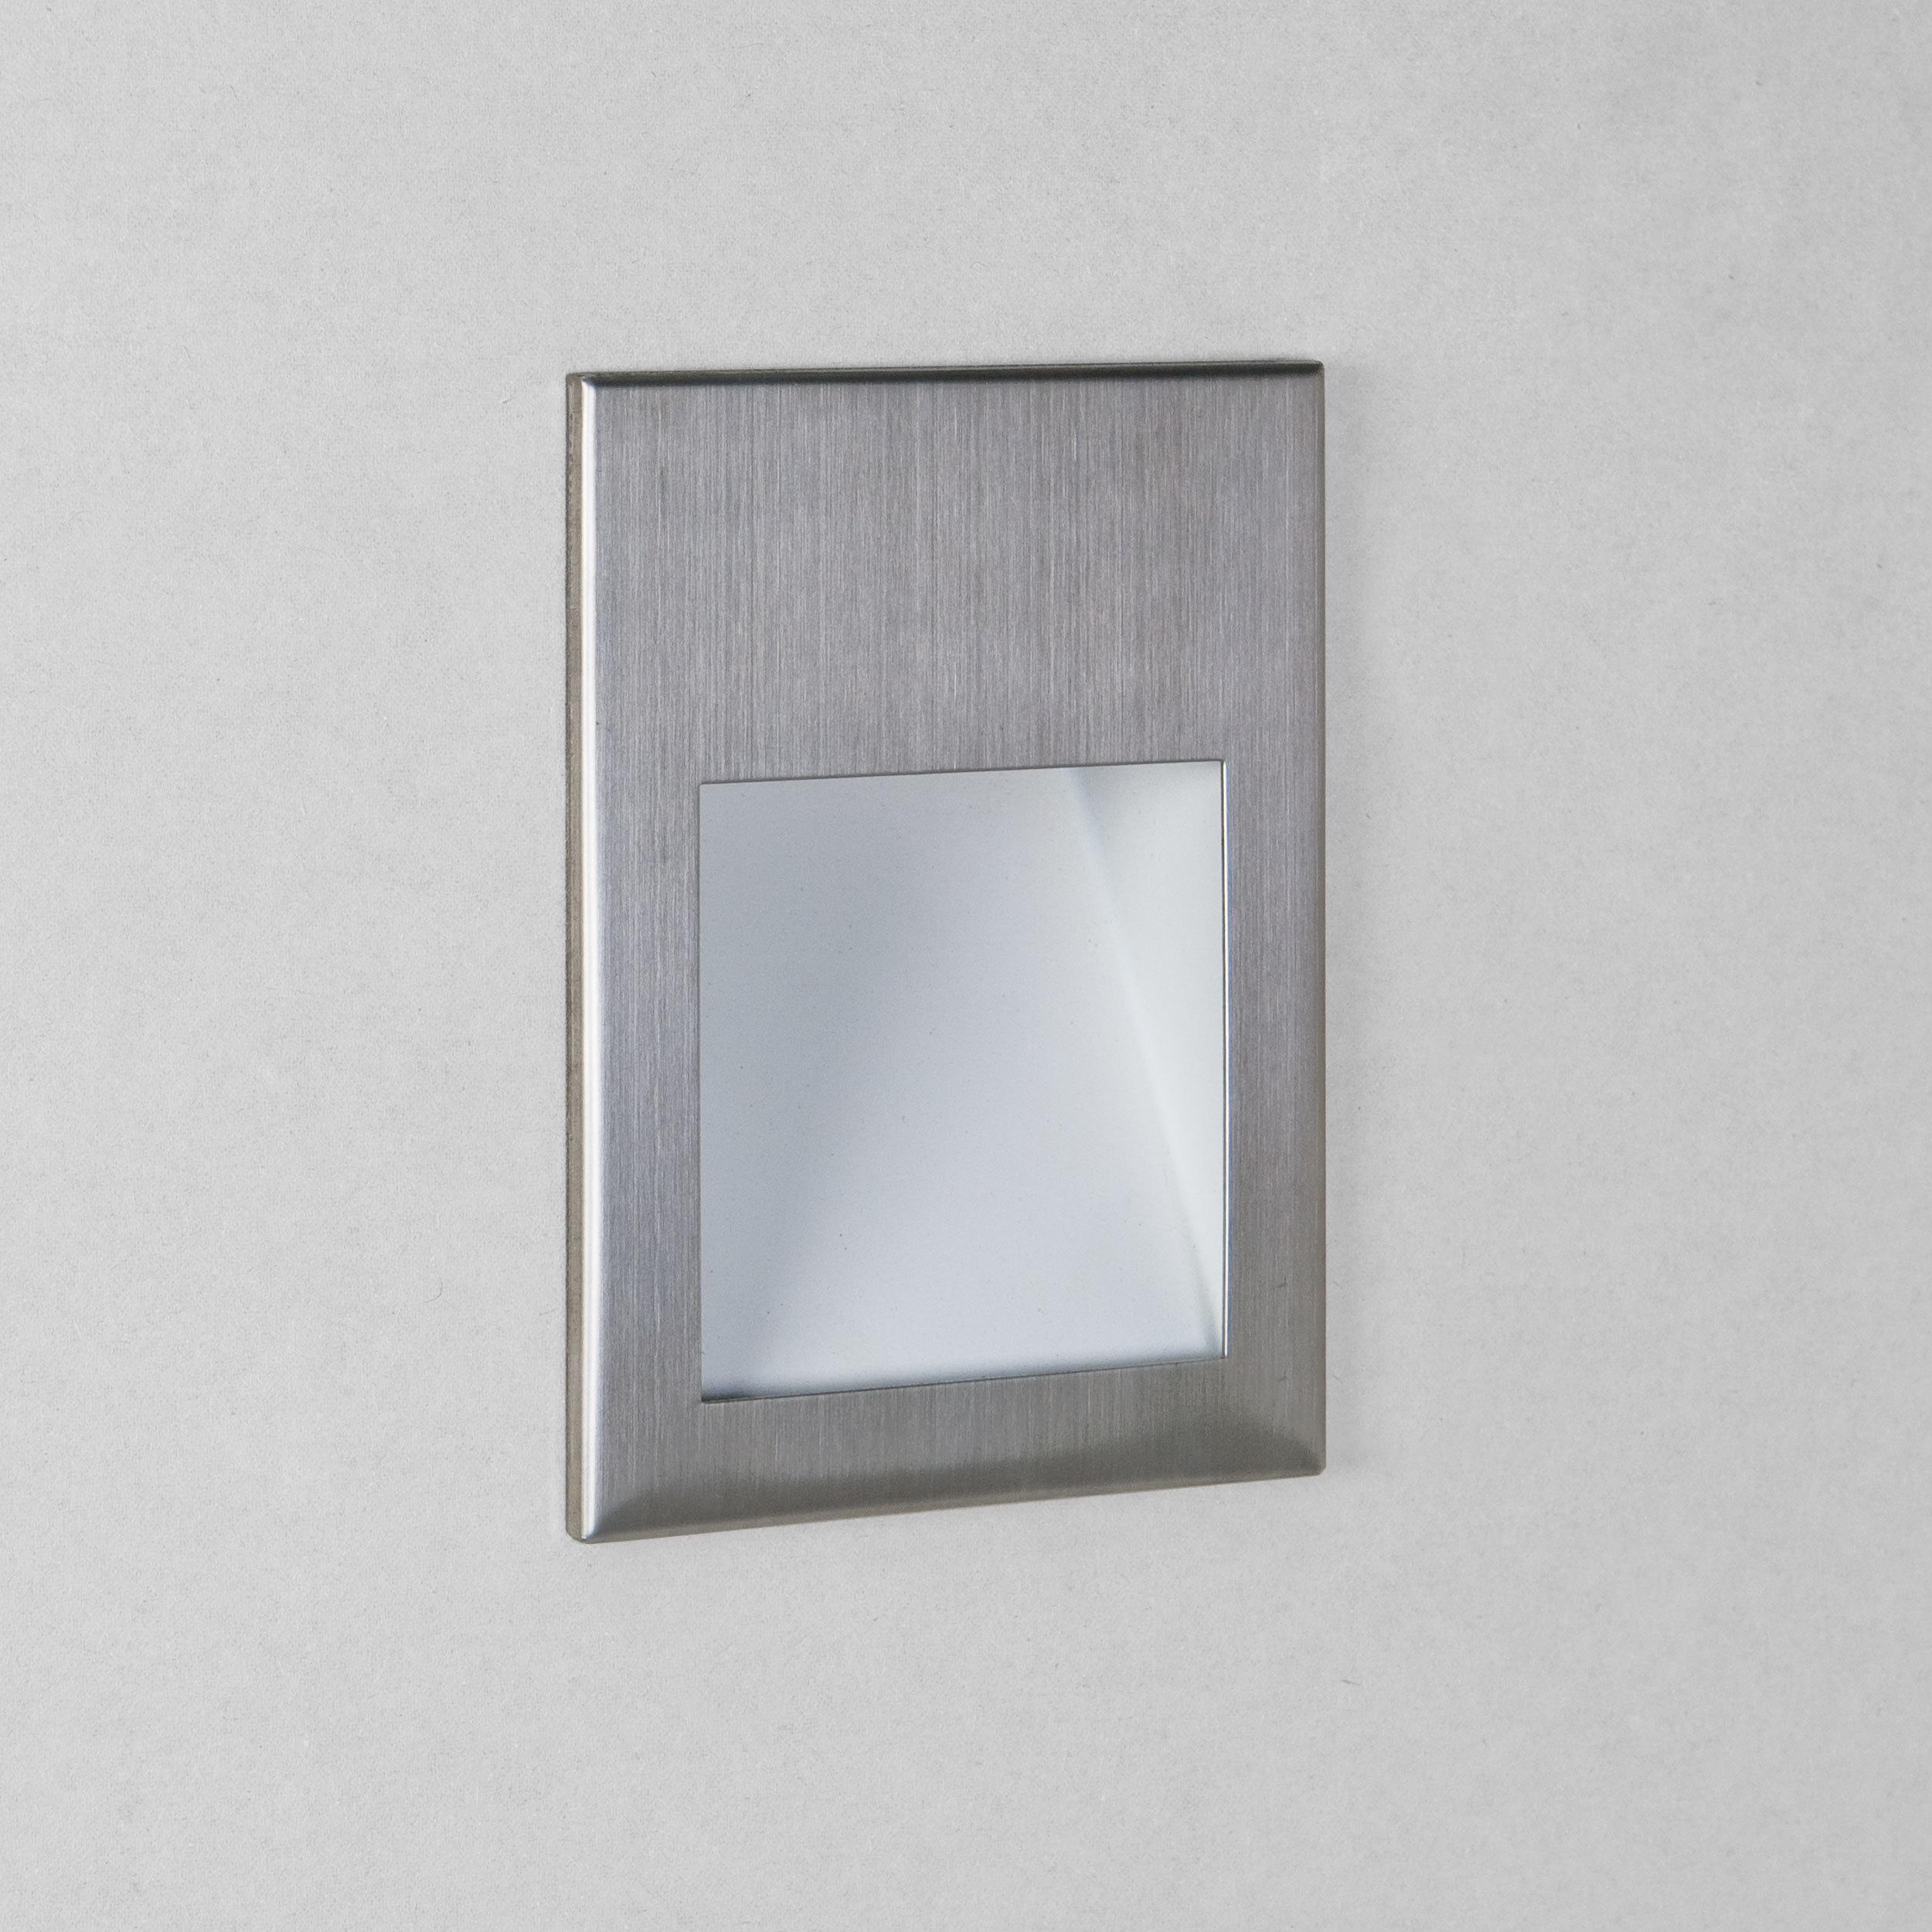 Встраиваемый настенный светодиодный светильник Astro Borgo 1212026 (7532), LED 2W 2700K 68lm CRI80, сталь, металл - фото 1